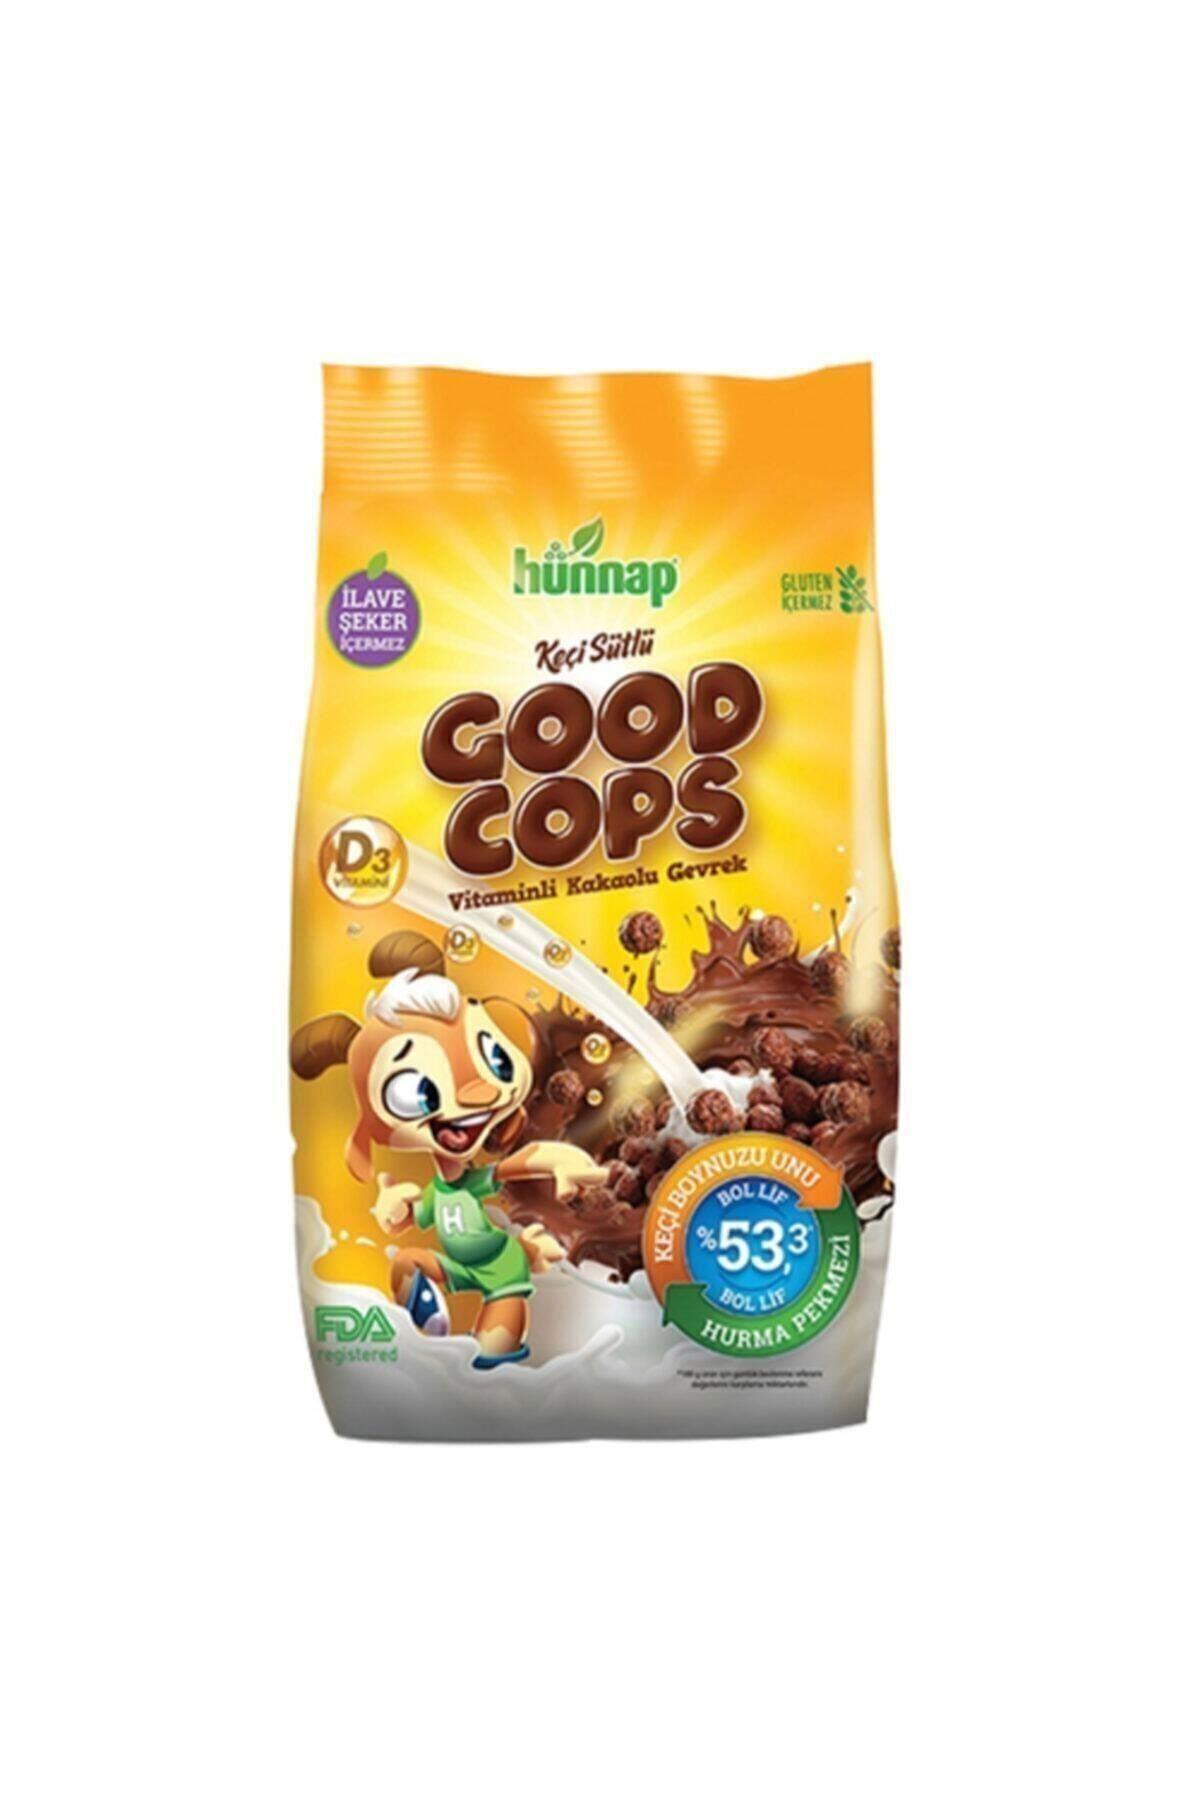 Hünnap Keçisütlü Vitaminli Kakaolu Gevrek 300 Gr